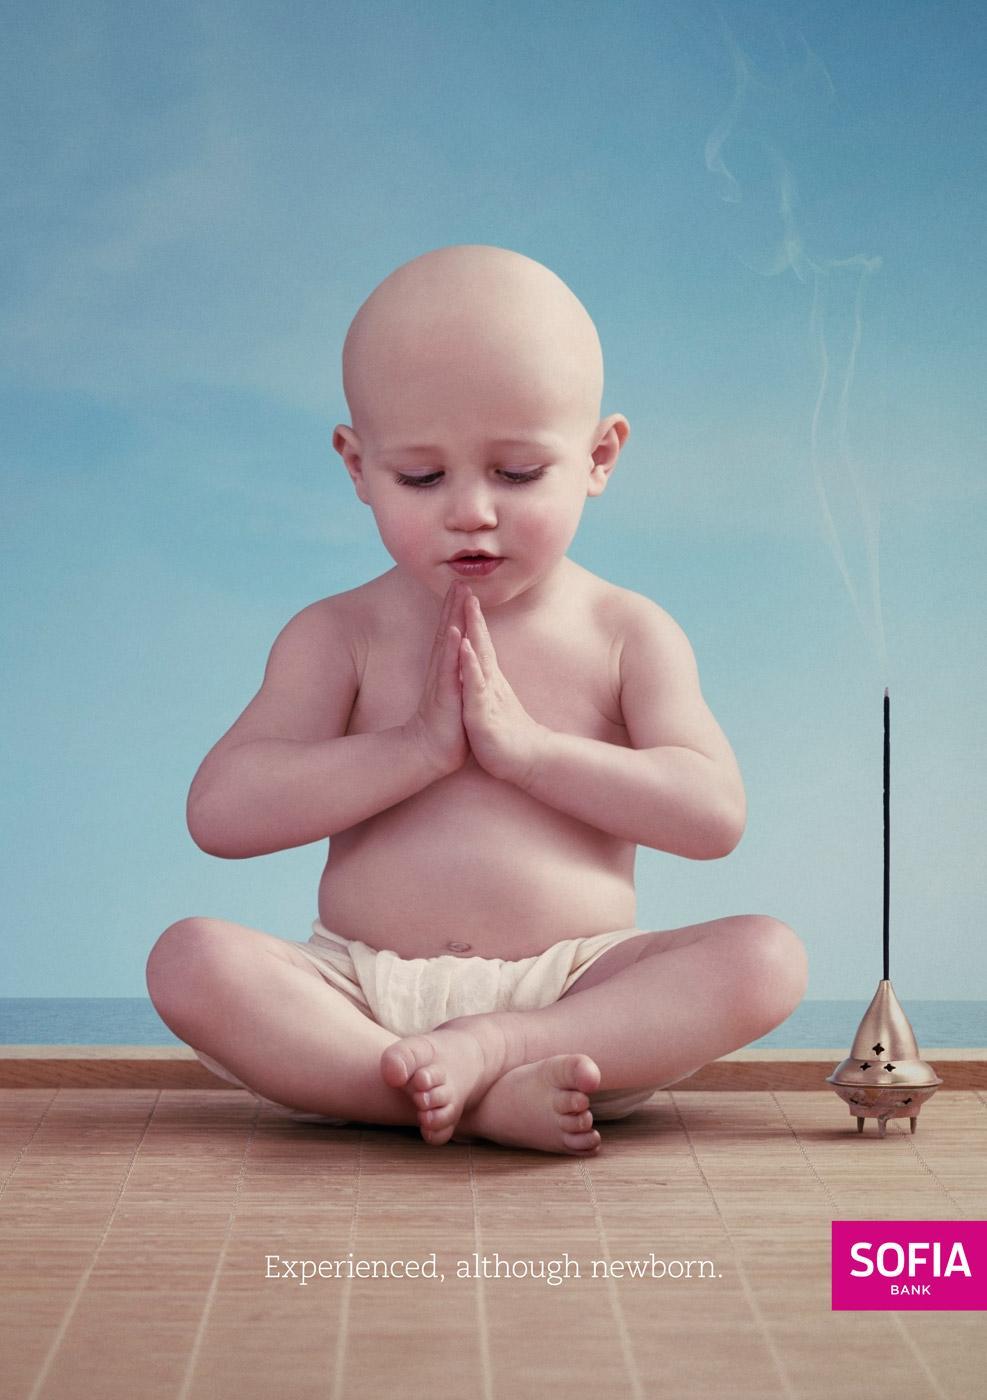 Sofia Bank Print Ad -  Baby, 1